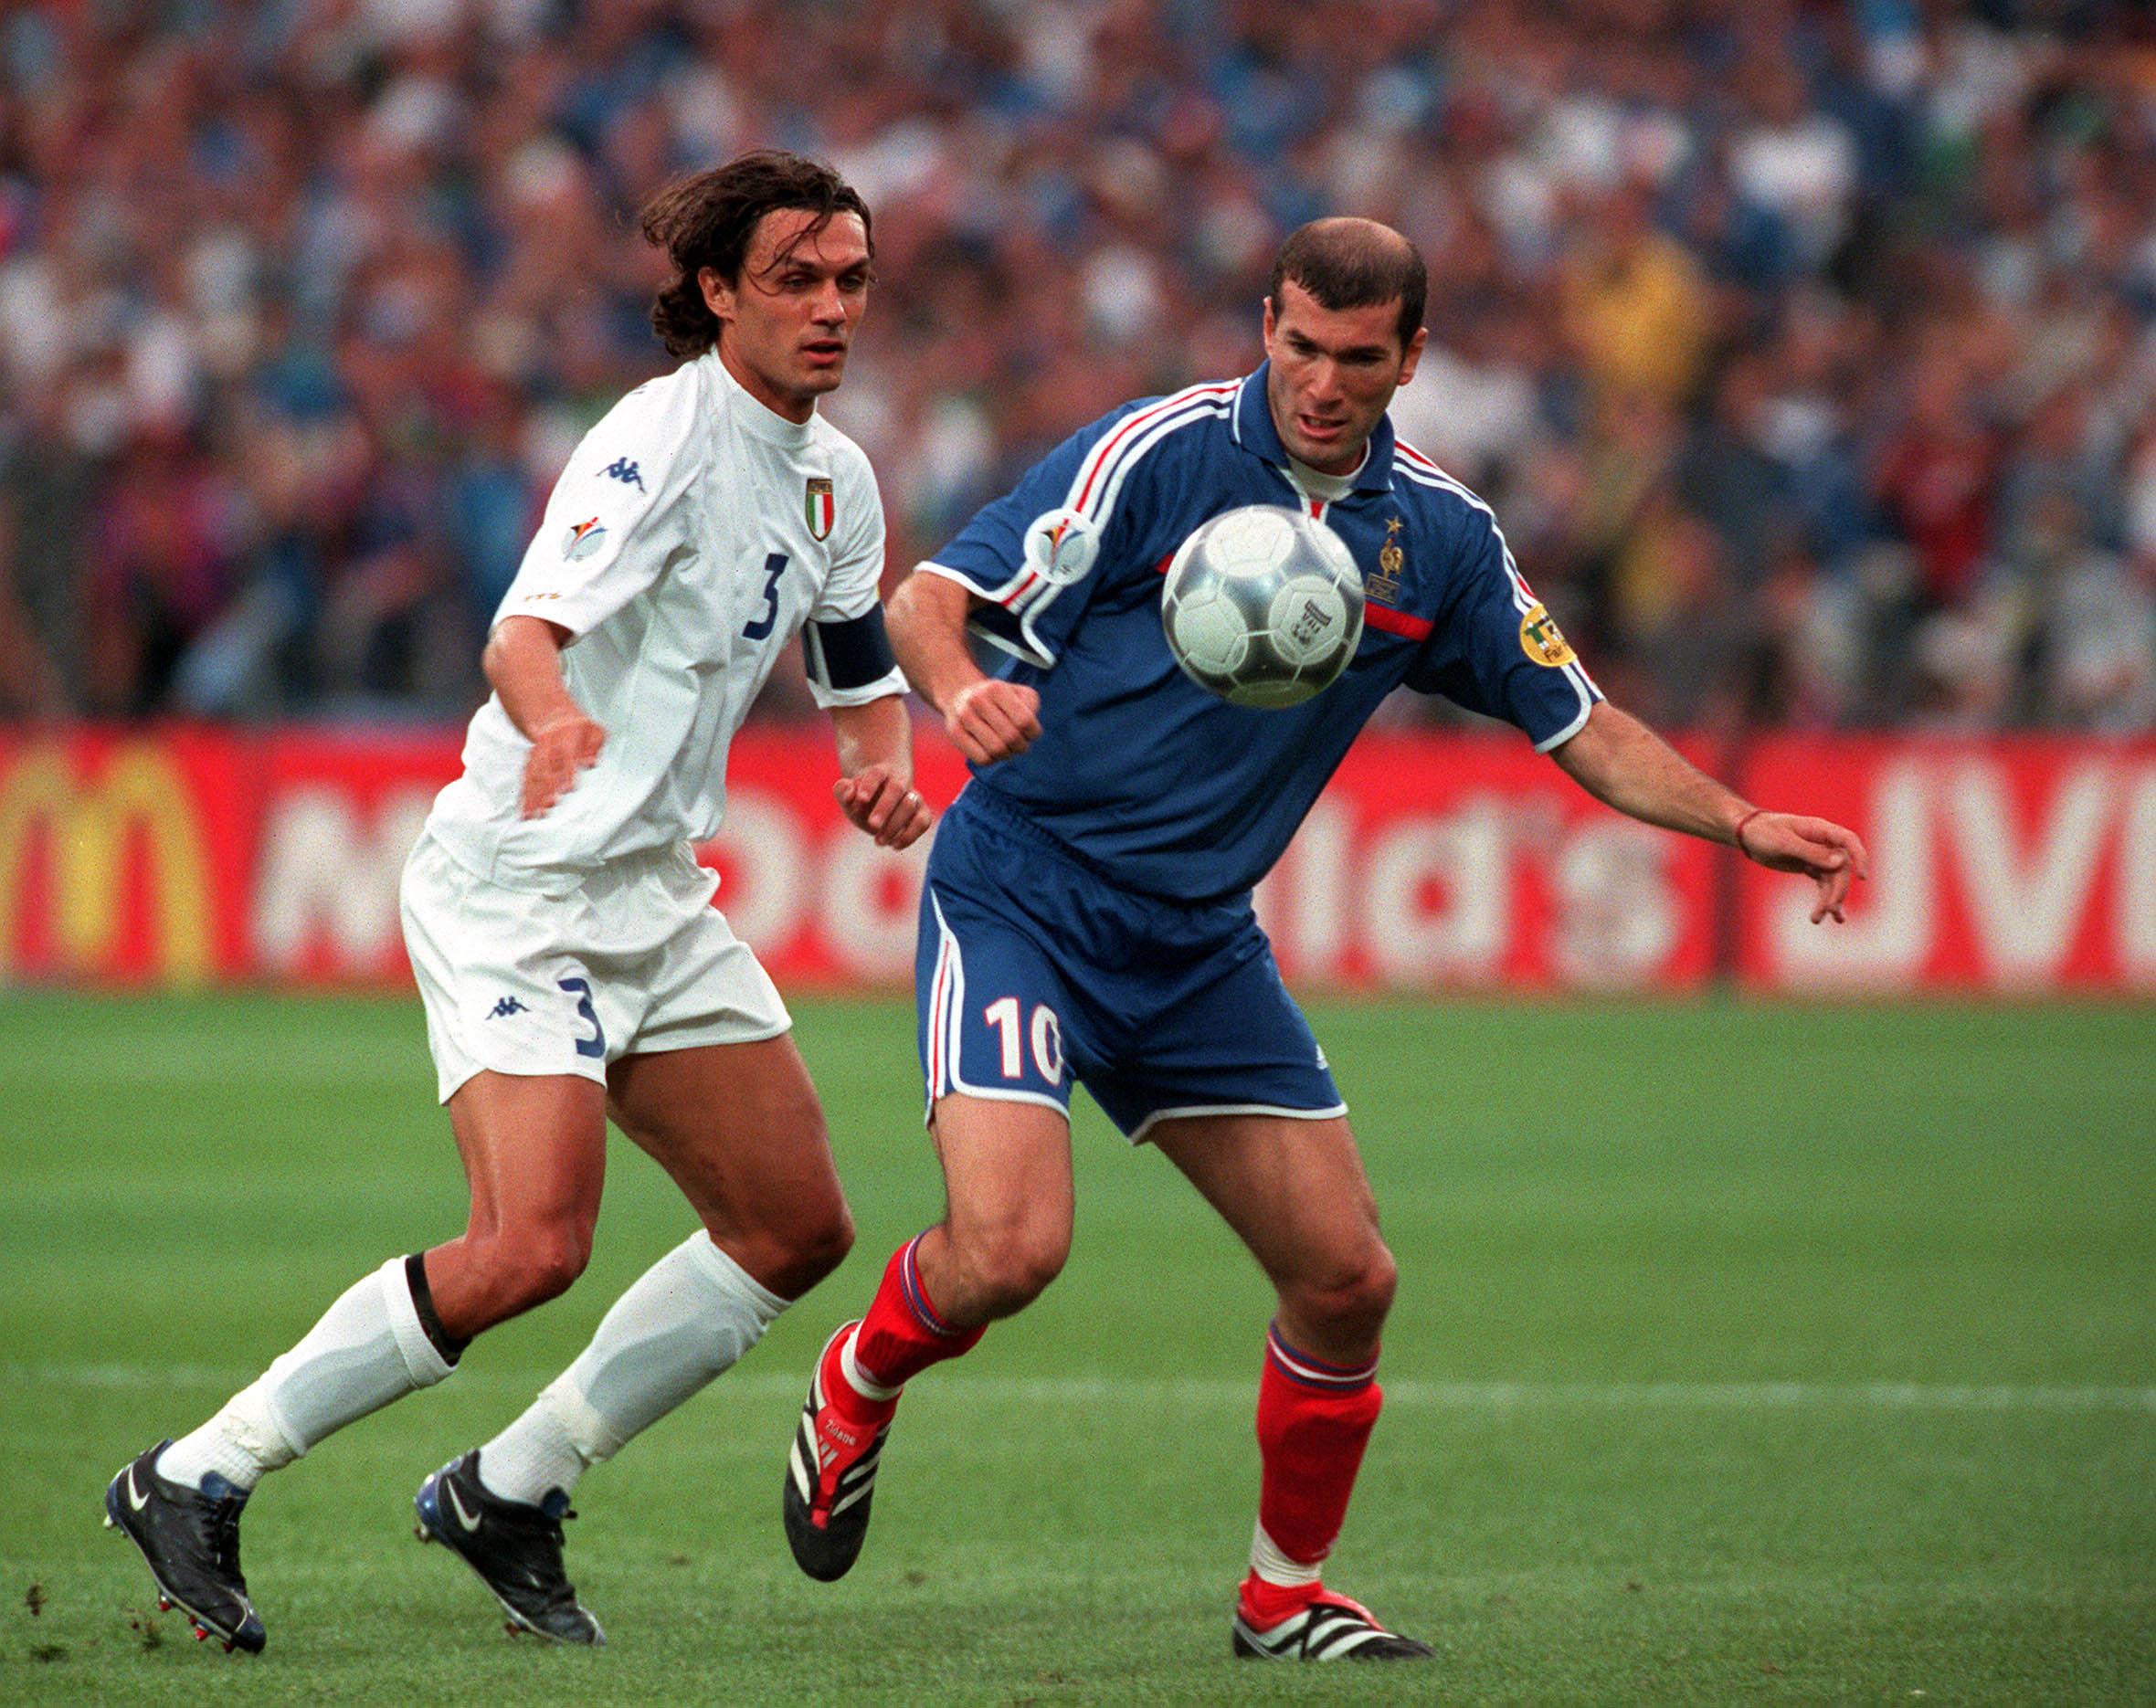 Zidane shielding the ball during the Euro 2000 final.